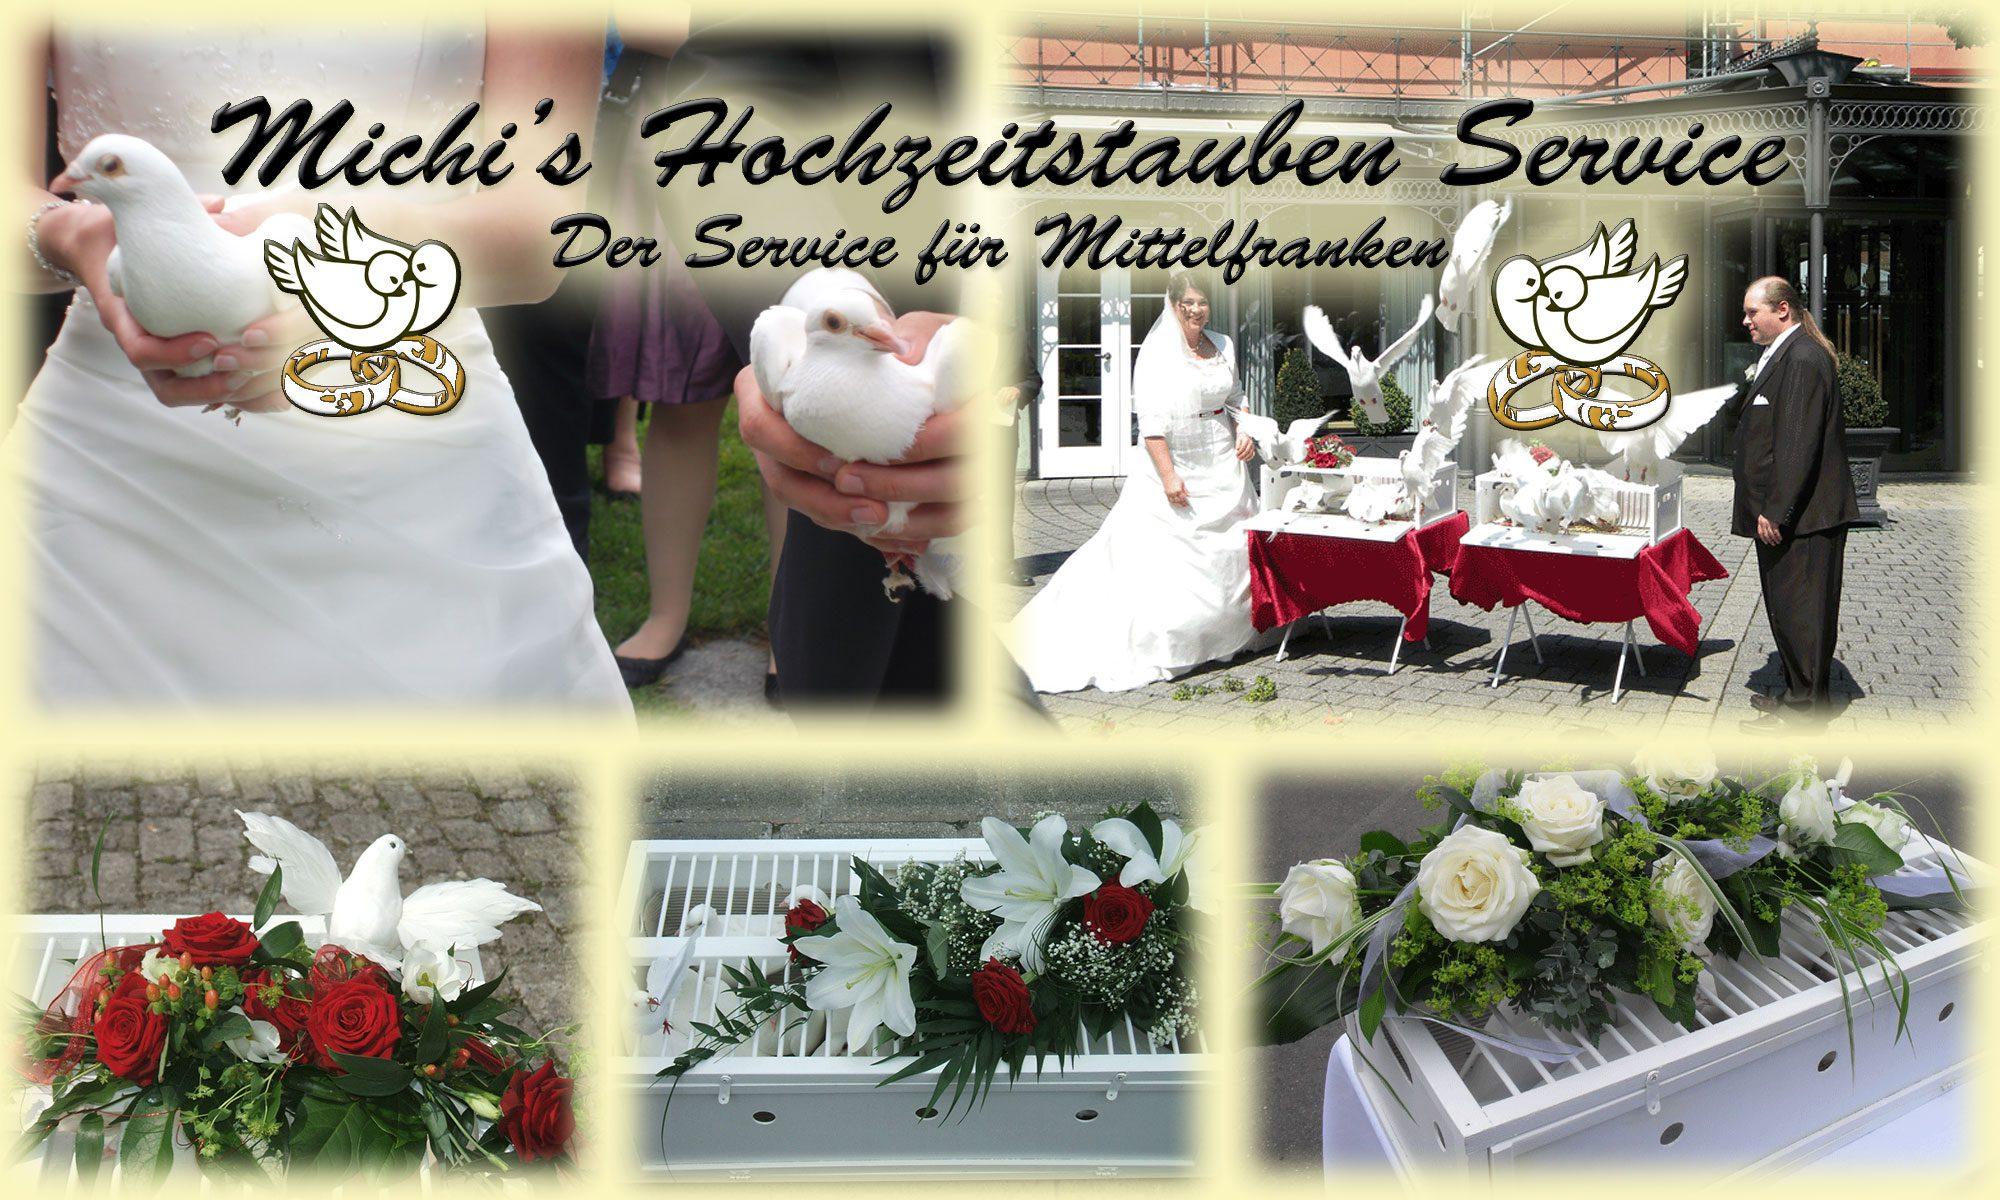 Michis Hochzeitstauben